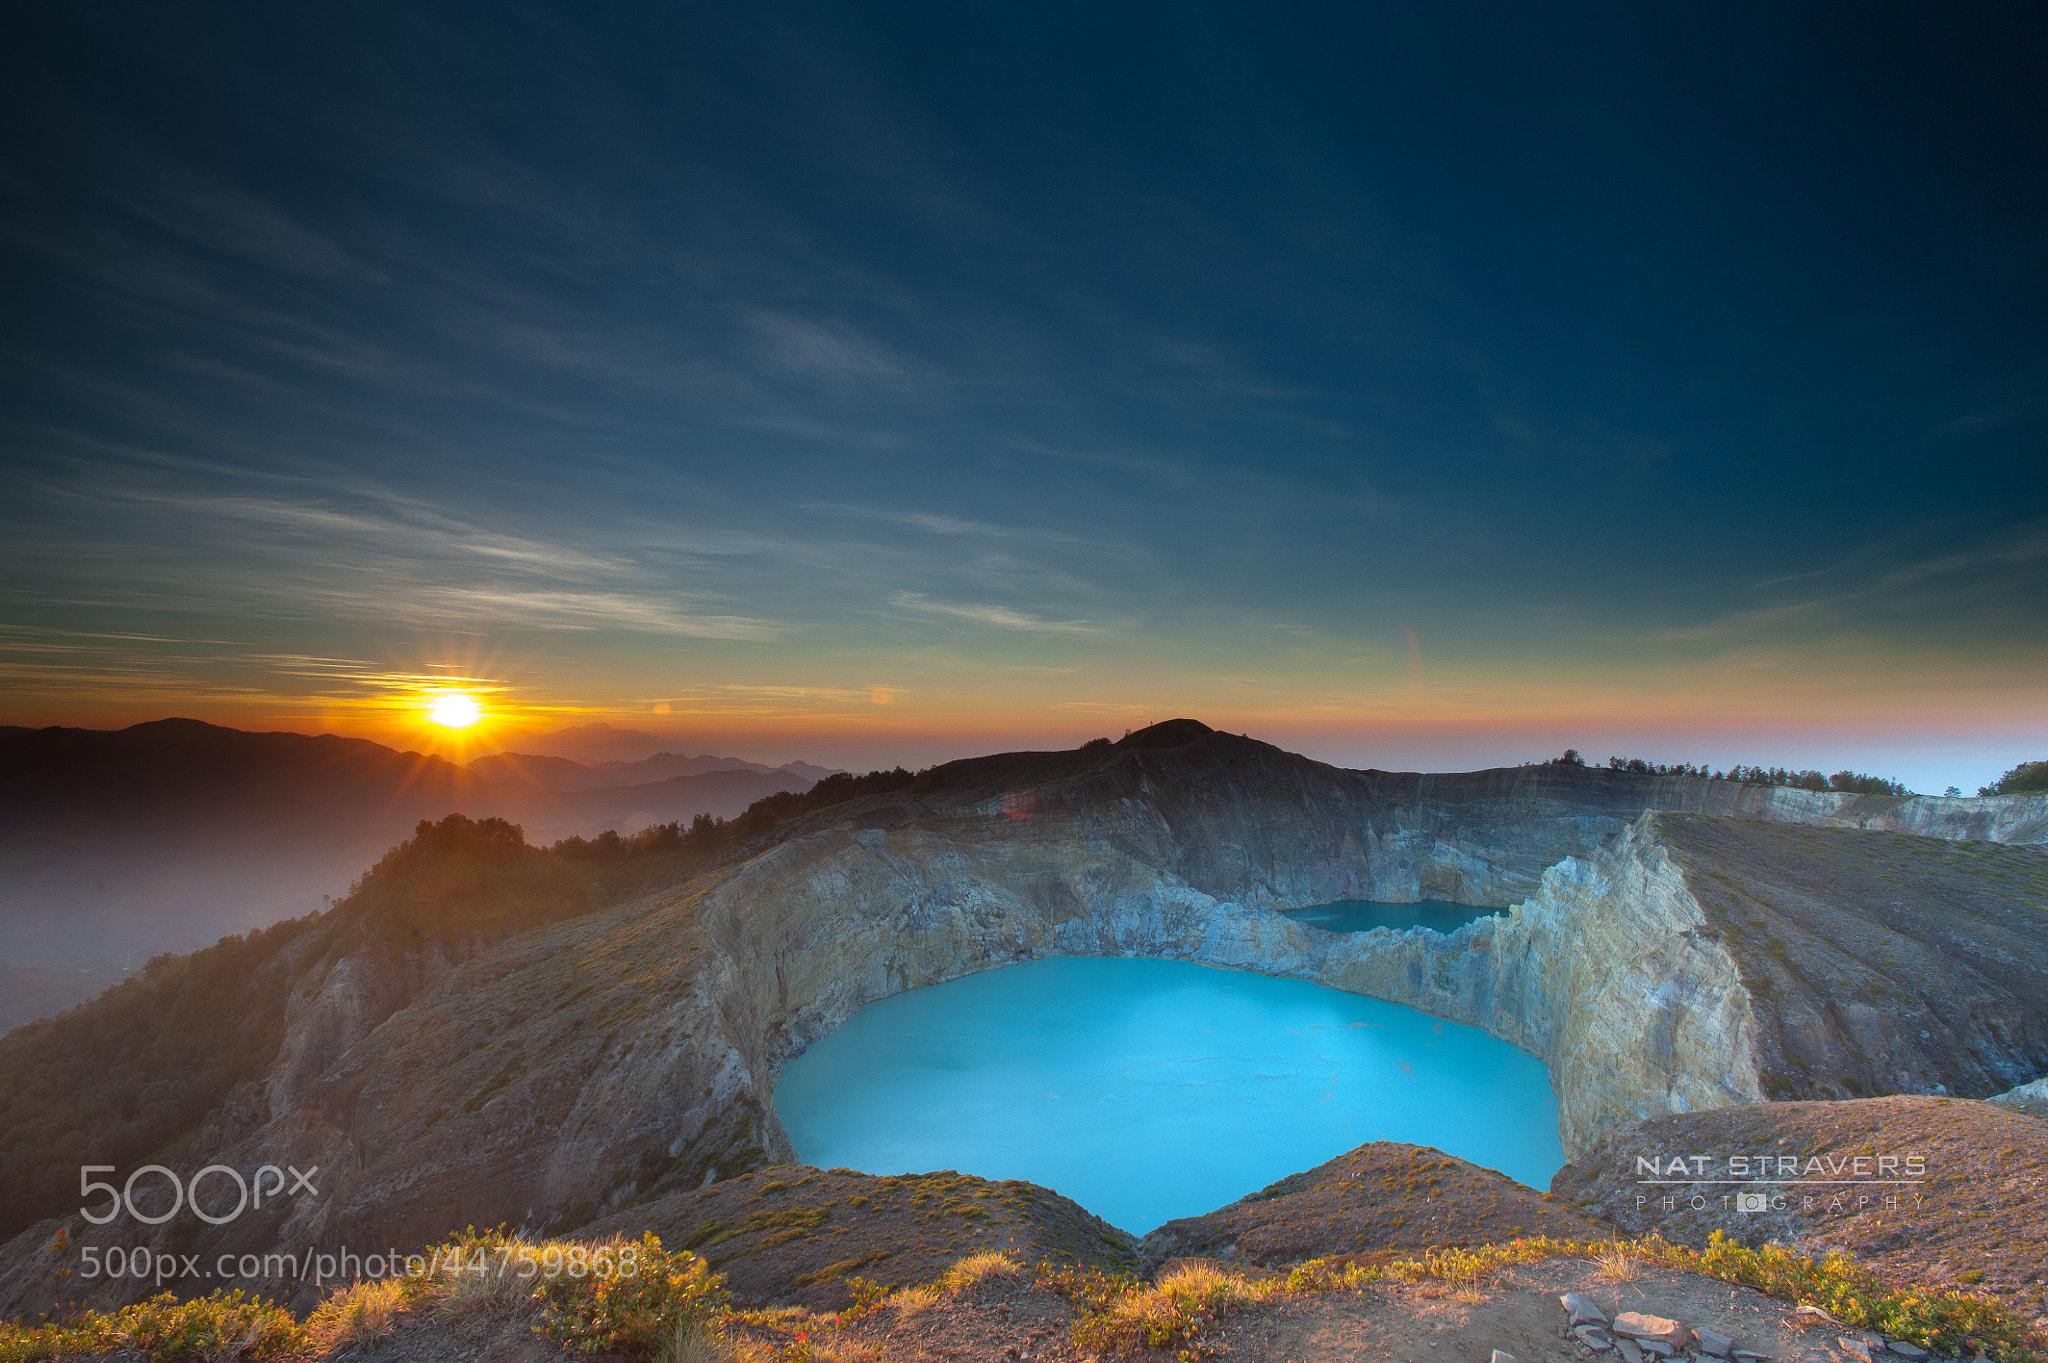 Photograph Kelimutu sunrise by Nathalie Stravers on 500px